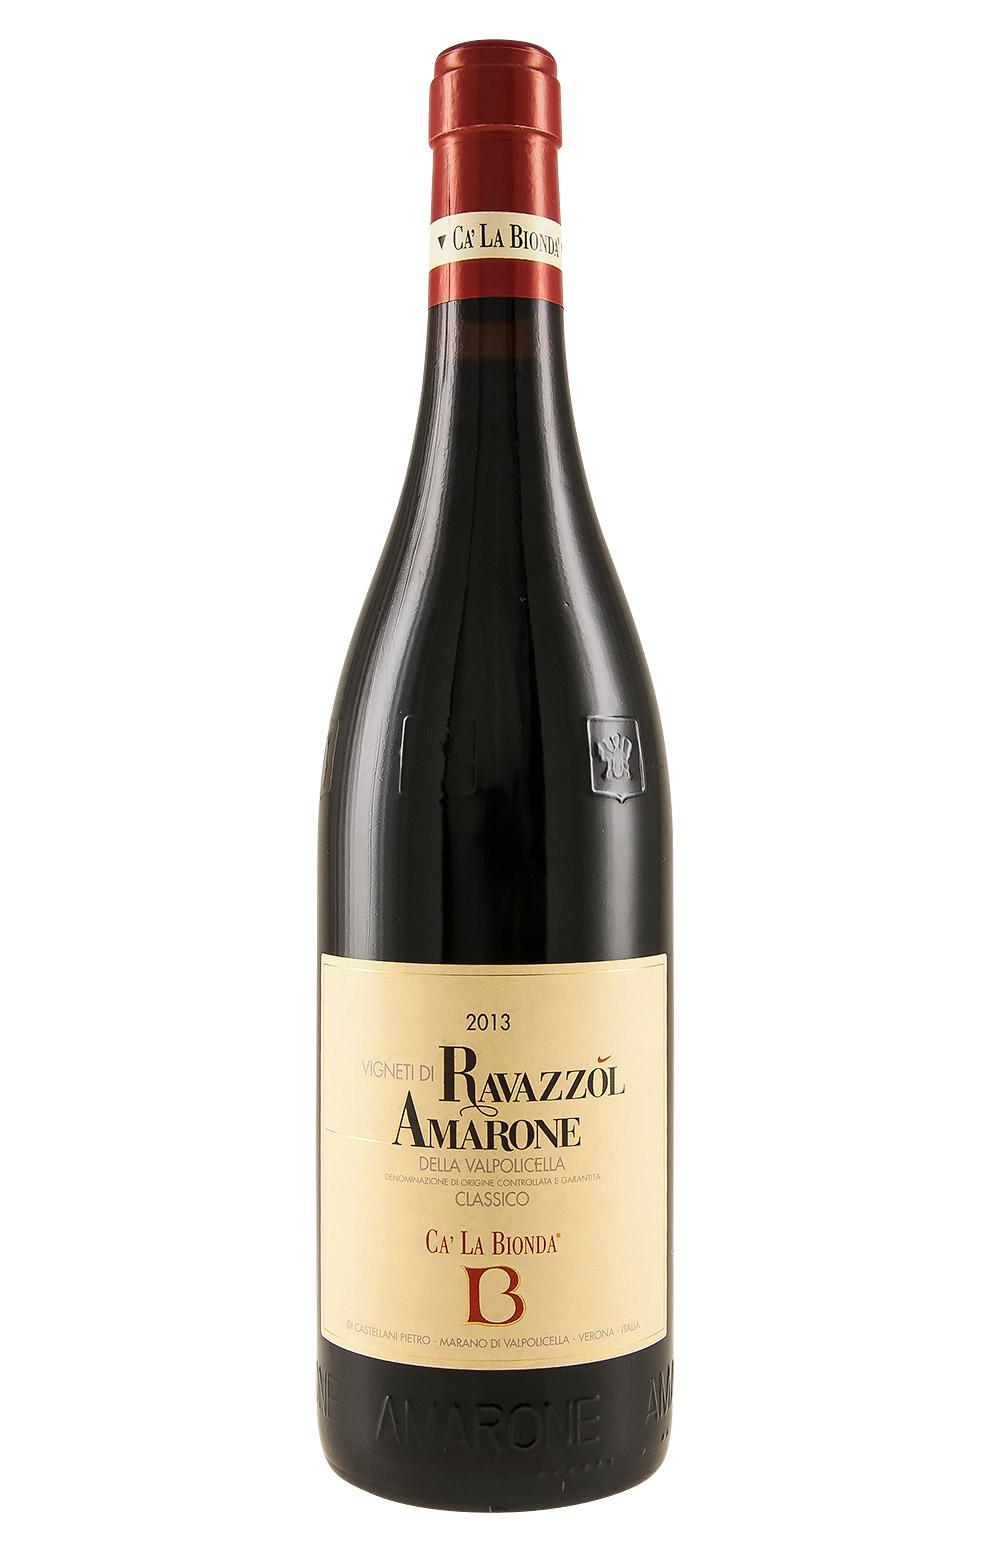 Amarone Classico Ravazzol 2013